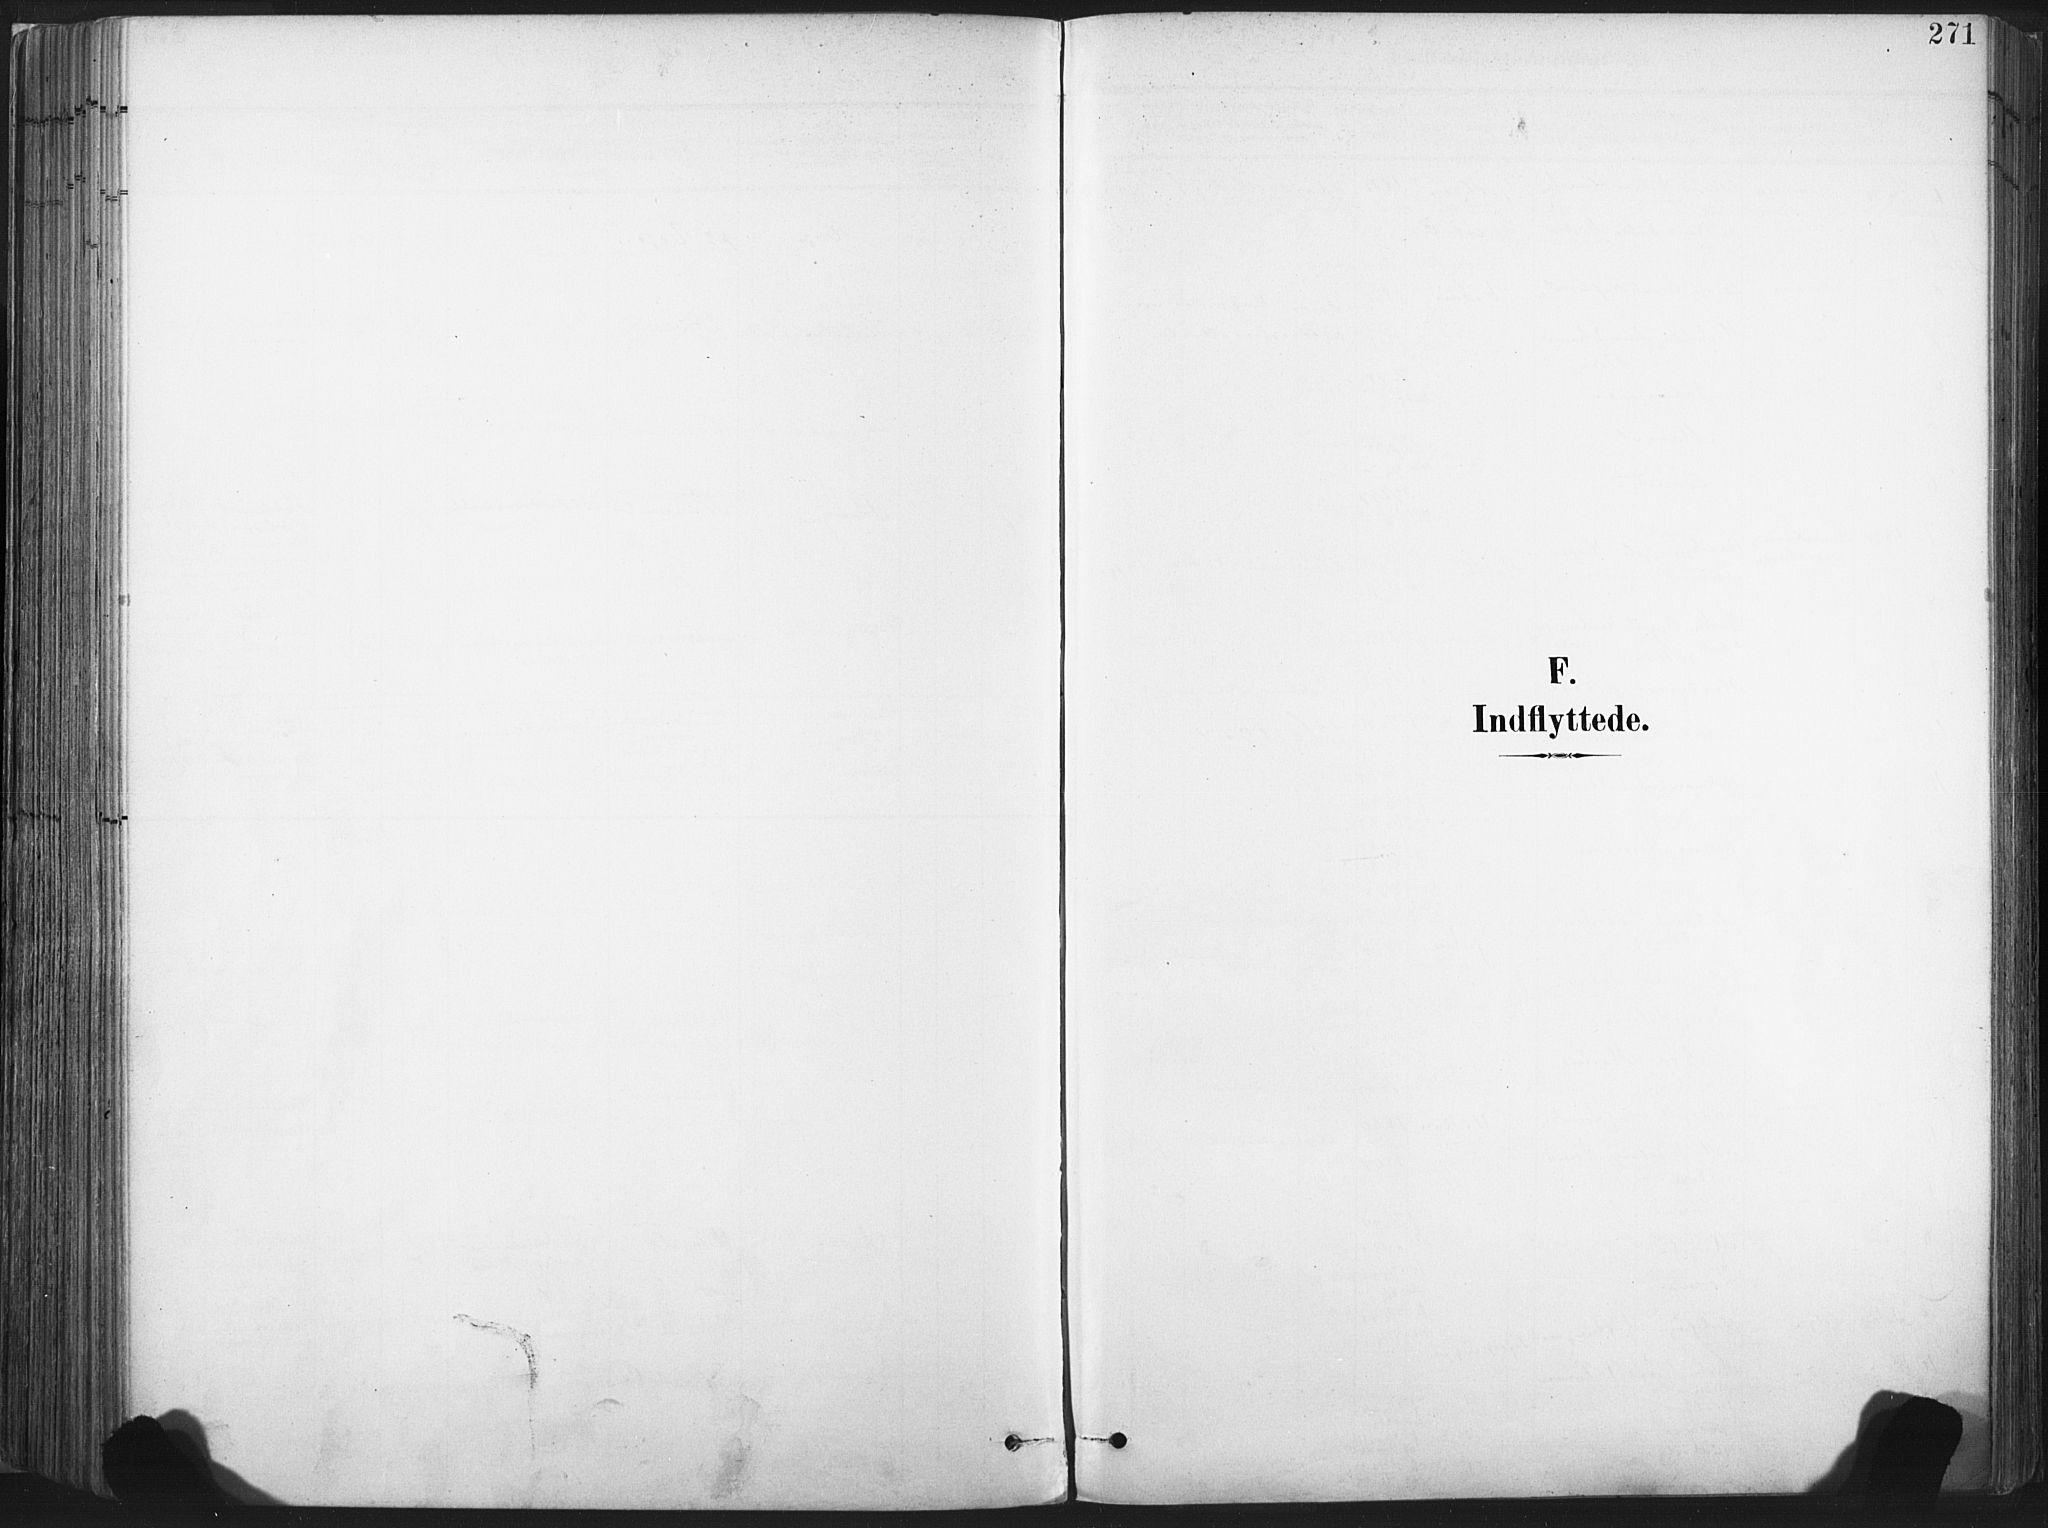 SAT, Ministerialprotokoller, klokkerbøker og fødselsregistre - Nord-Trøndelag, 717/L0162: Ministerialbok nr. 717A12, 1898-1923, s. 271